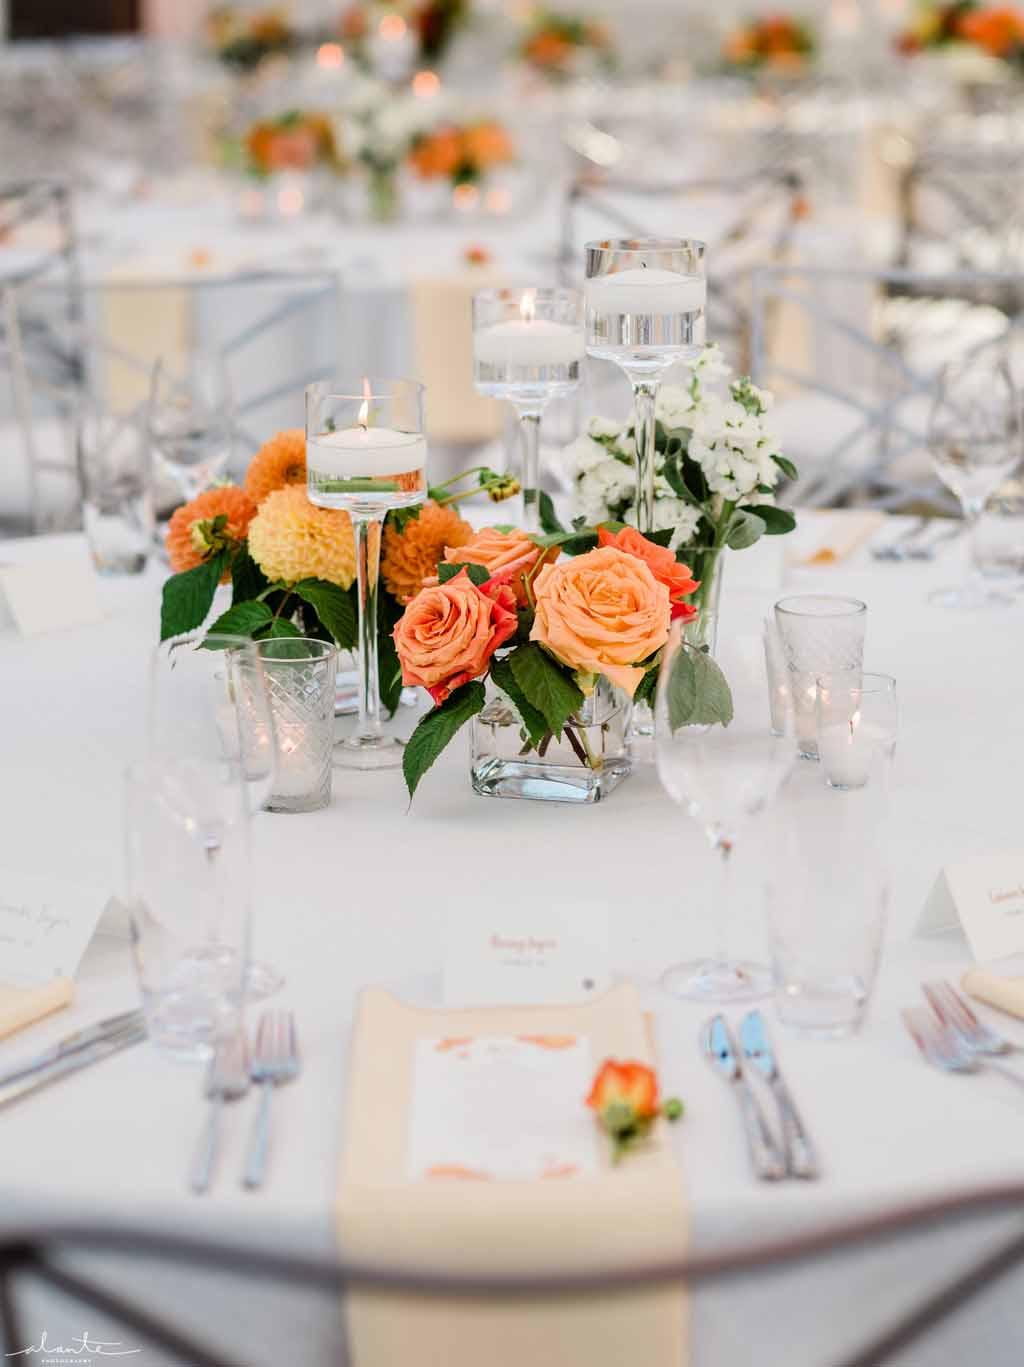 Low composite centerpiece with orange roses and dahlias summer wedding Designed by Flora Nova Design